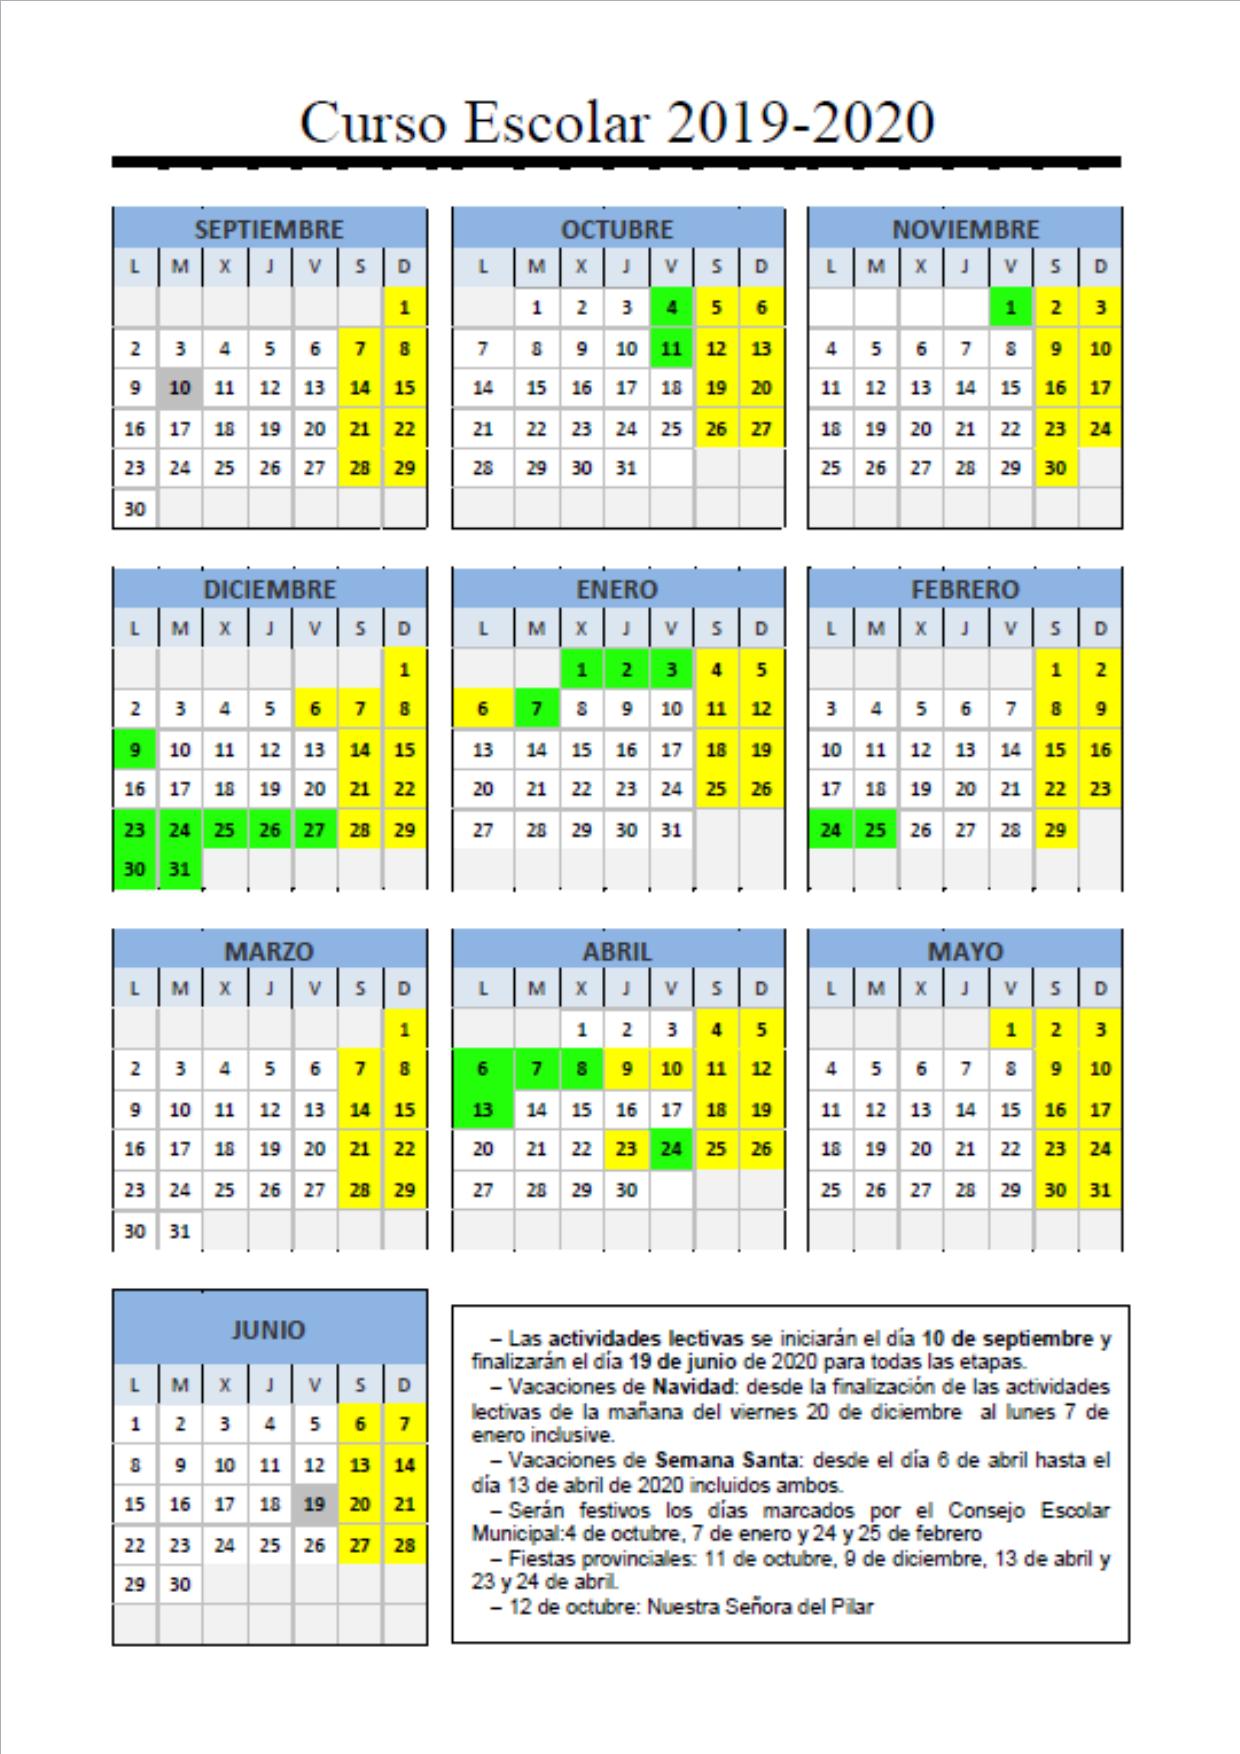 Calendario Escolar Madrid 2019 Y 2020.Calendario Escolar 2019 20 Colegio Nuestra Senora Del Pilar